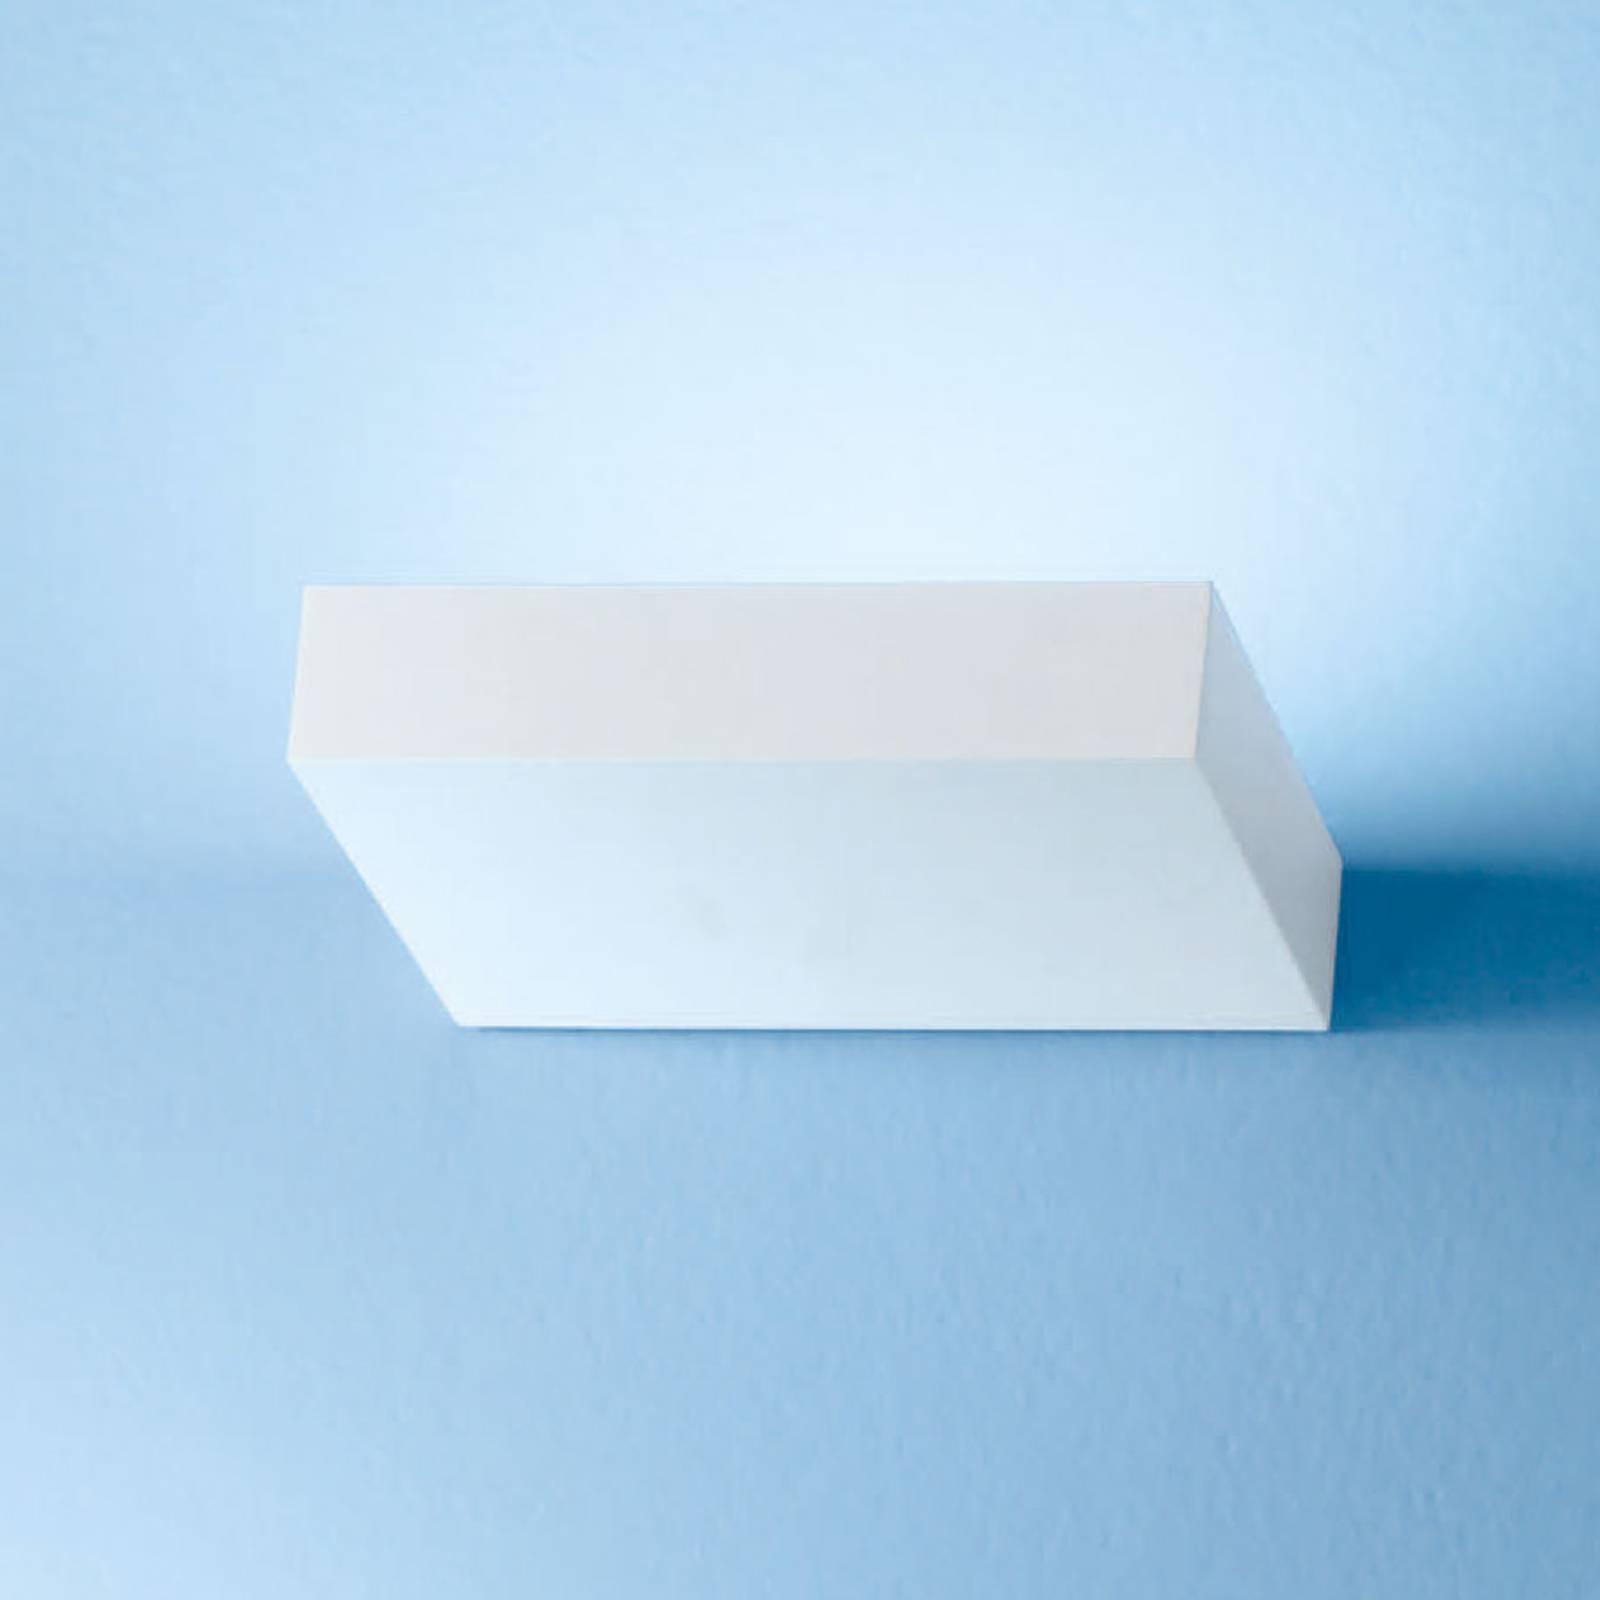 LED wandlamp Regolo, lengte 16,3 cm, wit